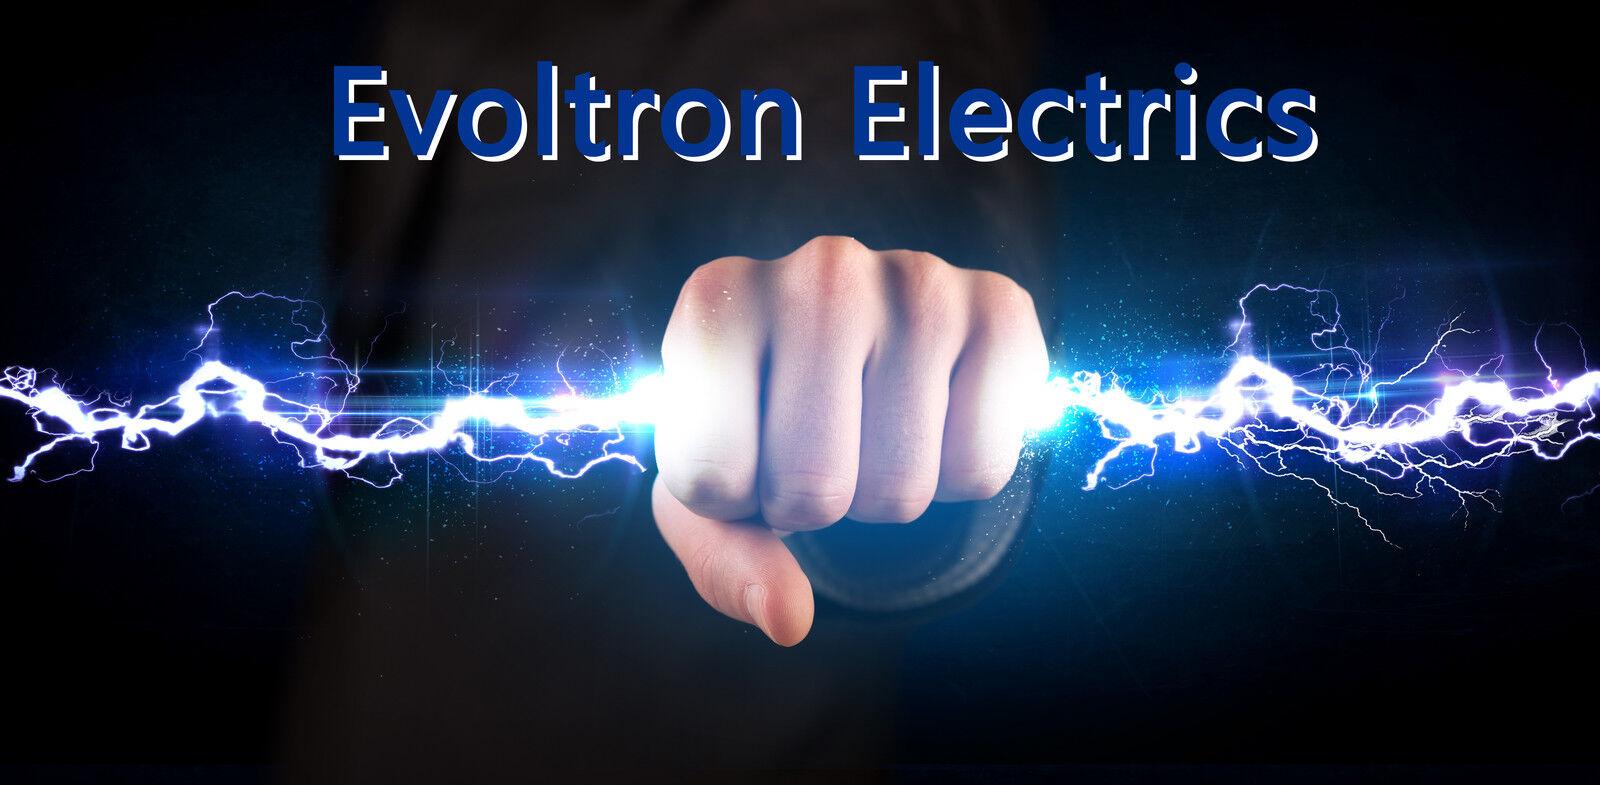 evoltronelectrics